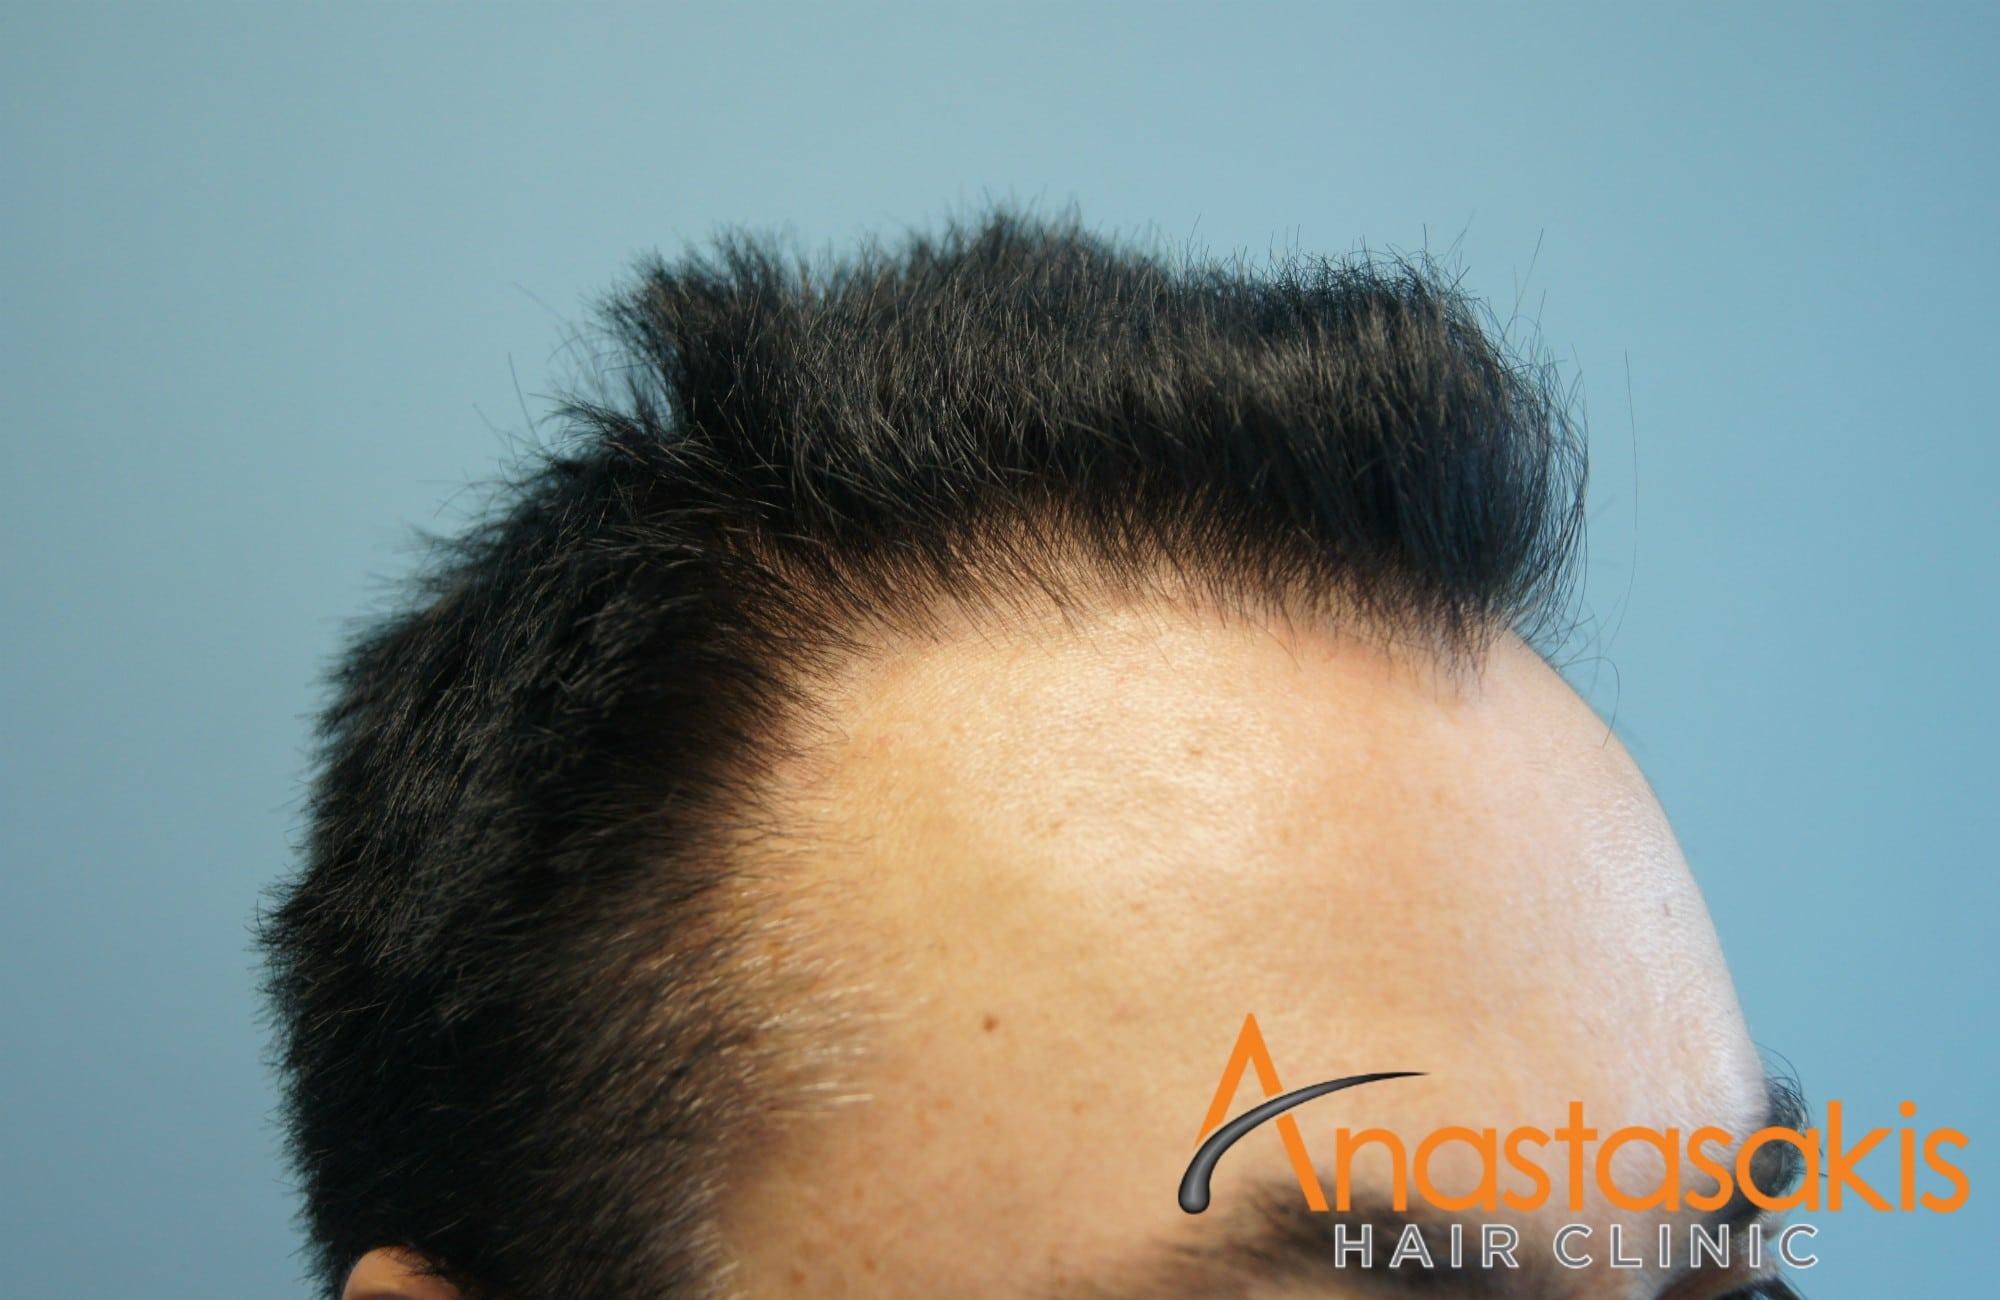 ασθενης πριν τη μεταμοσχευση μαλλιων με 1540fus αριστερο 2 προφιλ